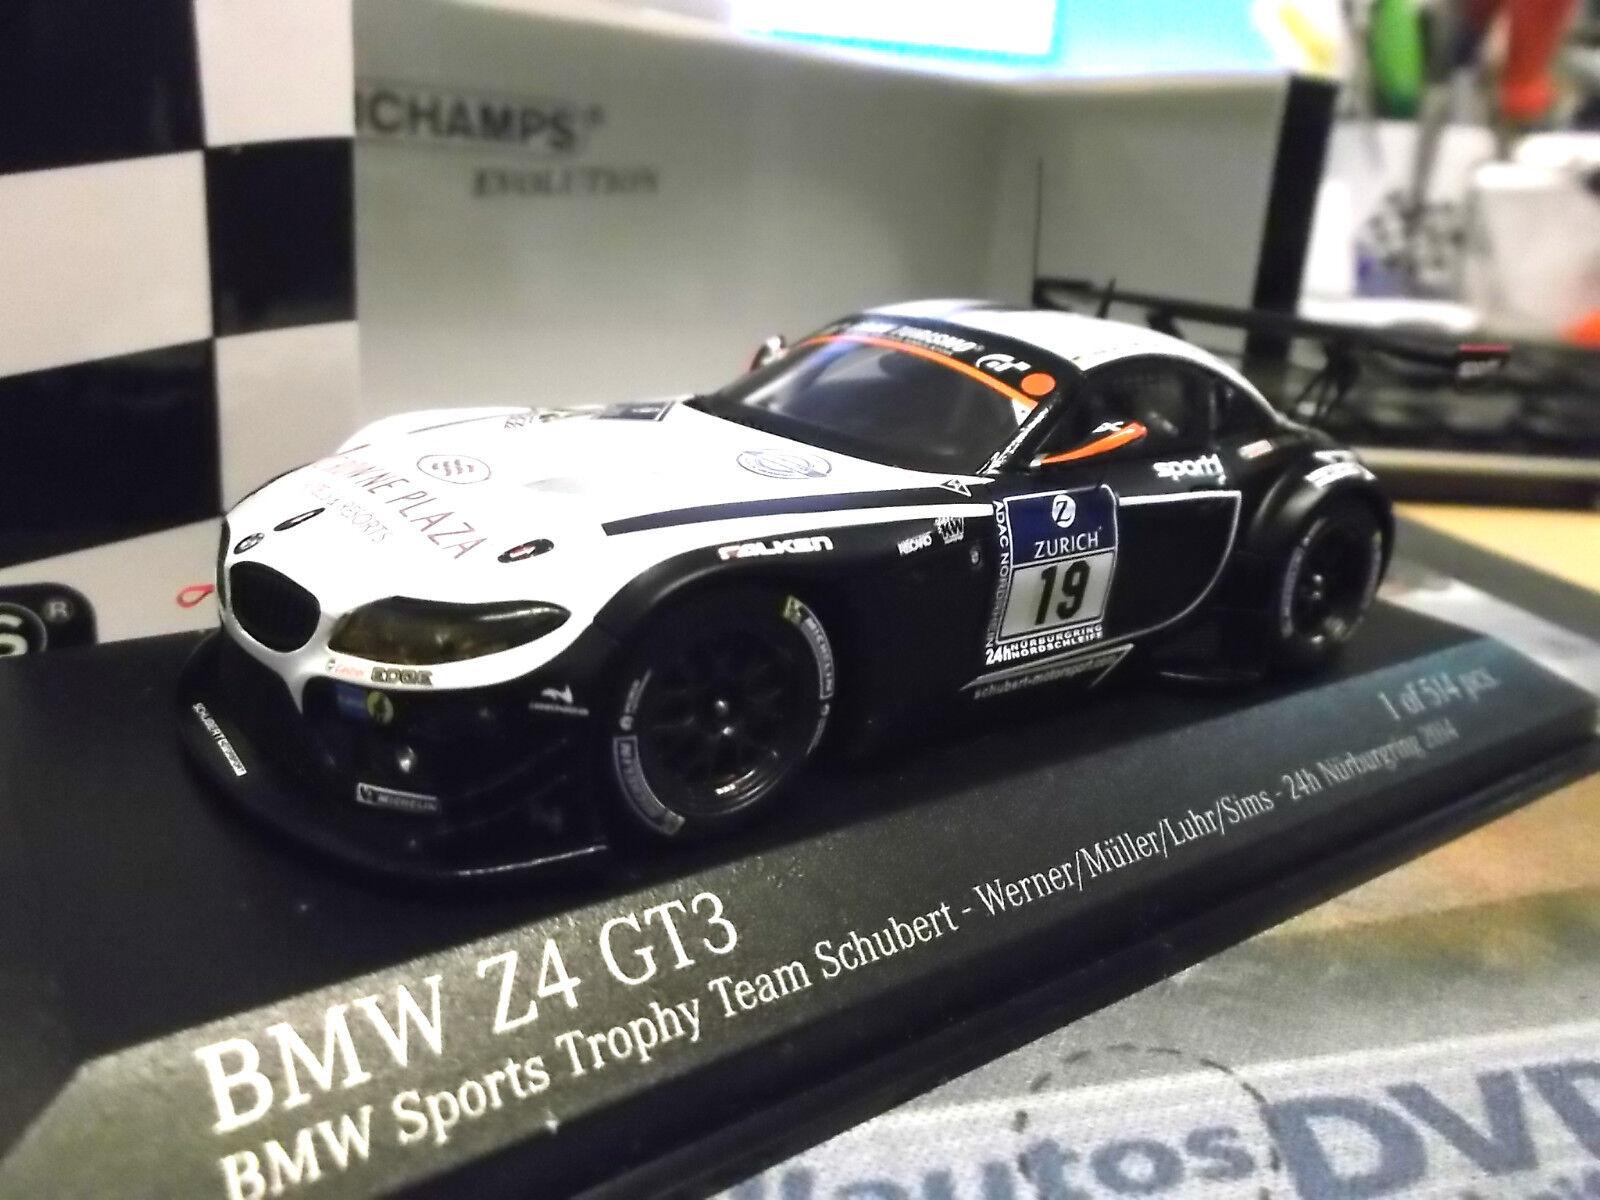 BMW z4 gt3 24h Nürburgbague 2014  19 Schubert Werner  Muller Luhr Minichamps 1 43  le plus récent